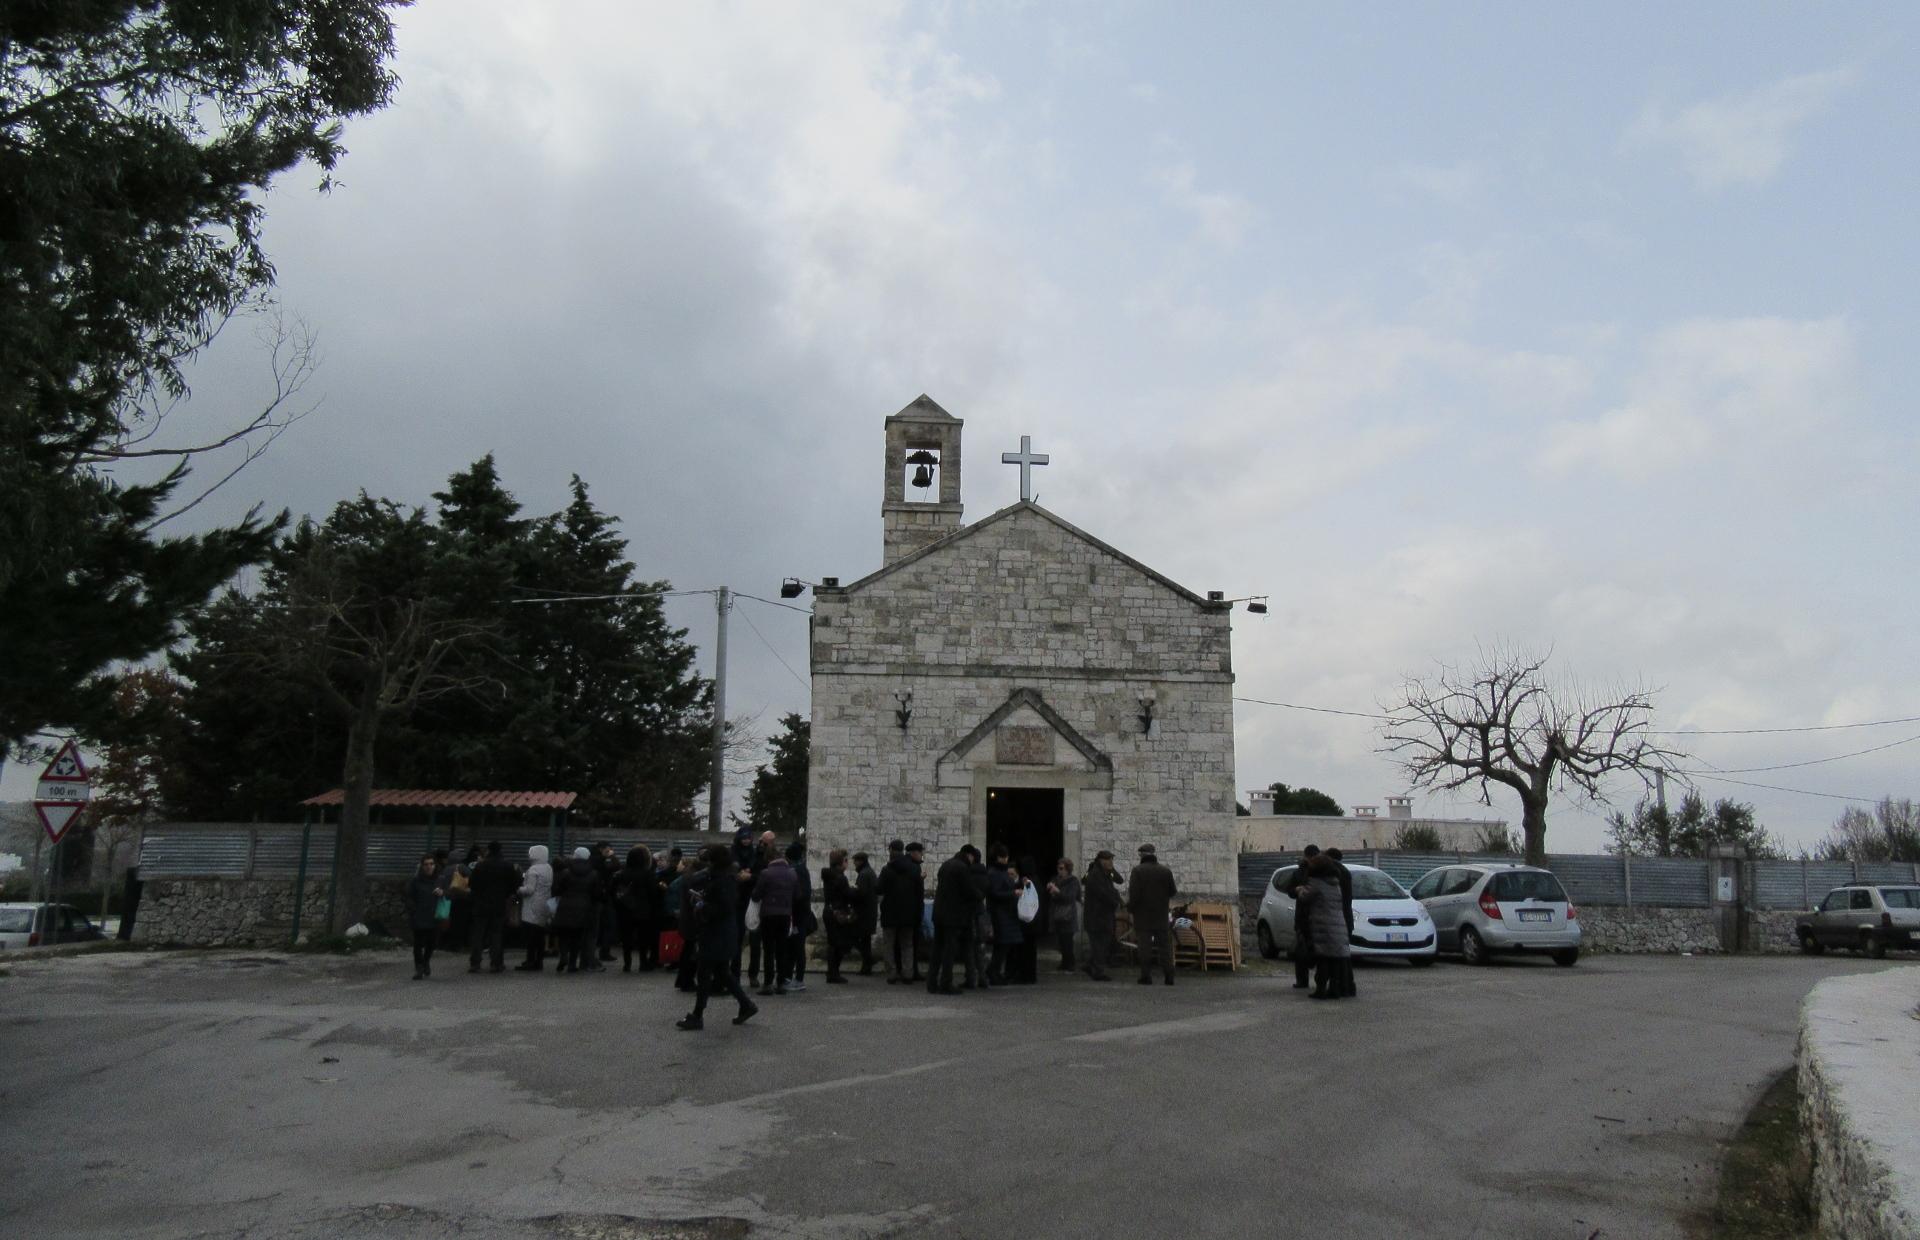 Festa di San Biagio nella omonima contrada a Putignano